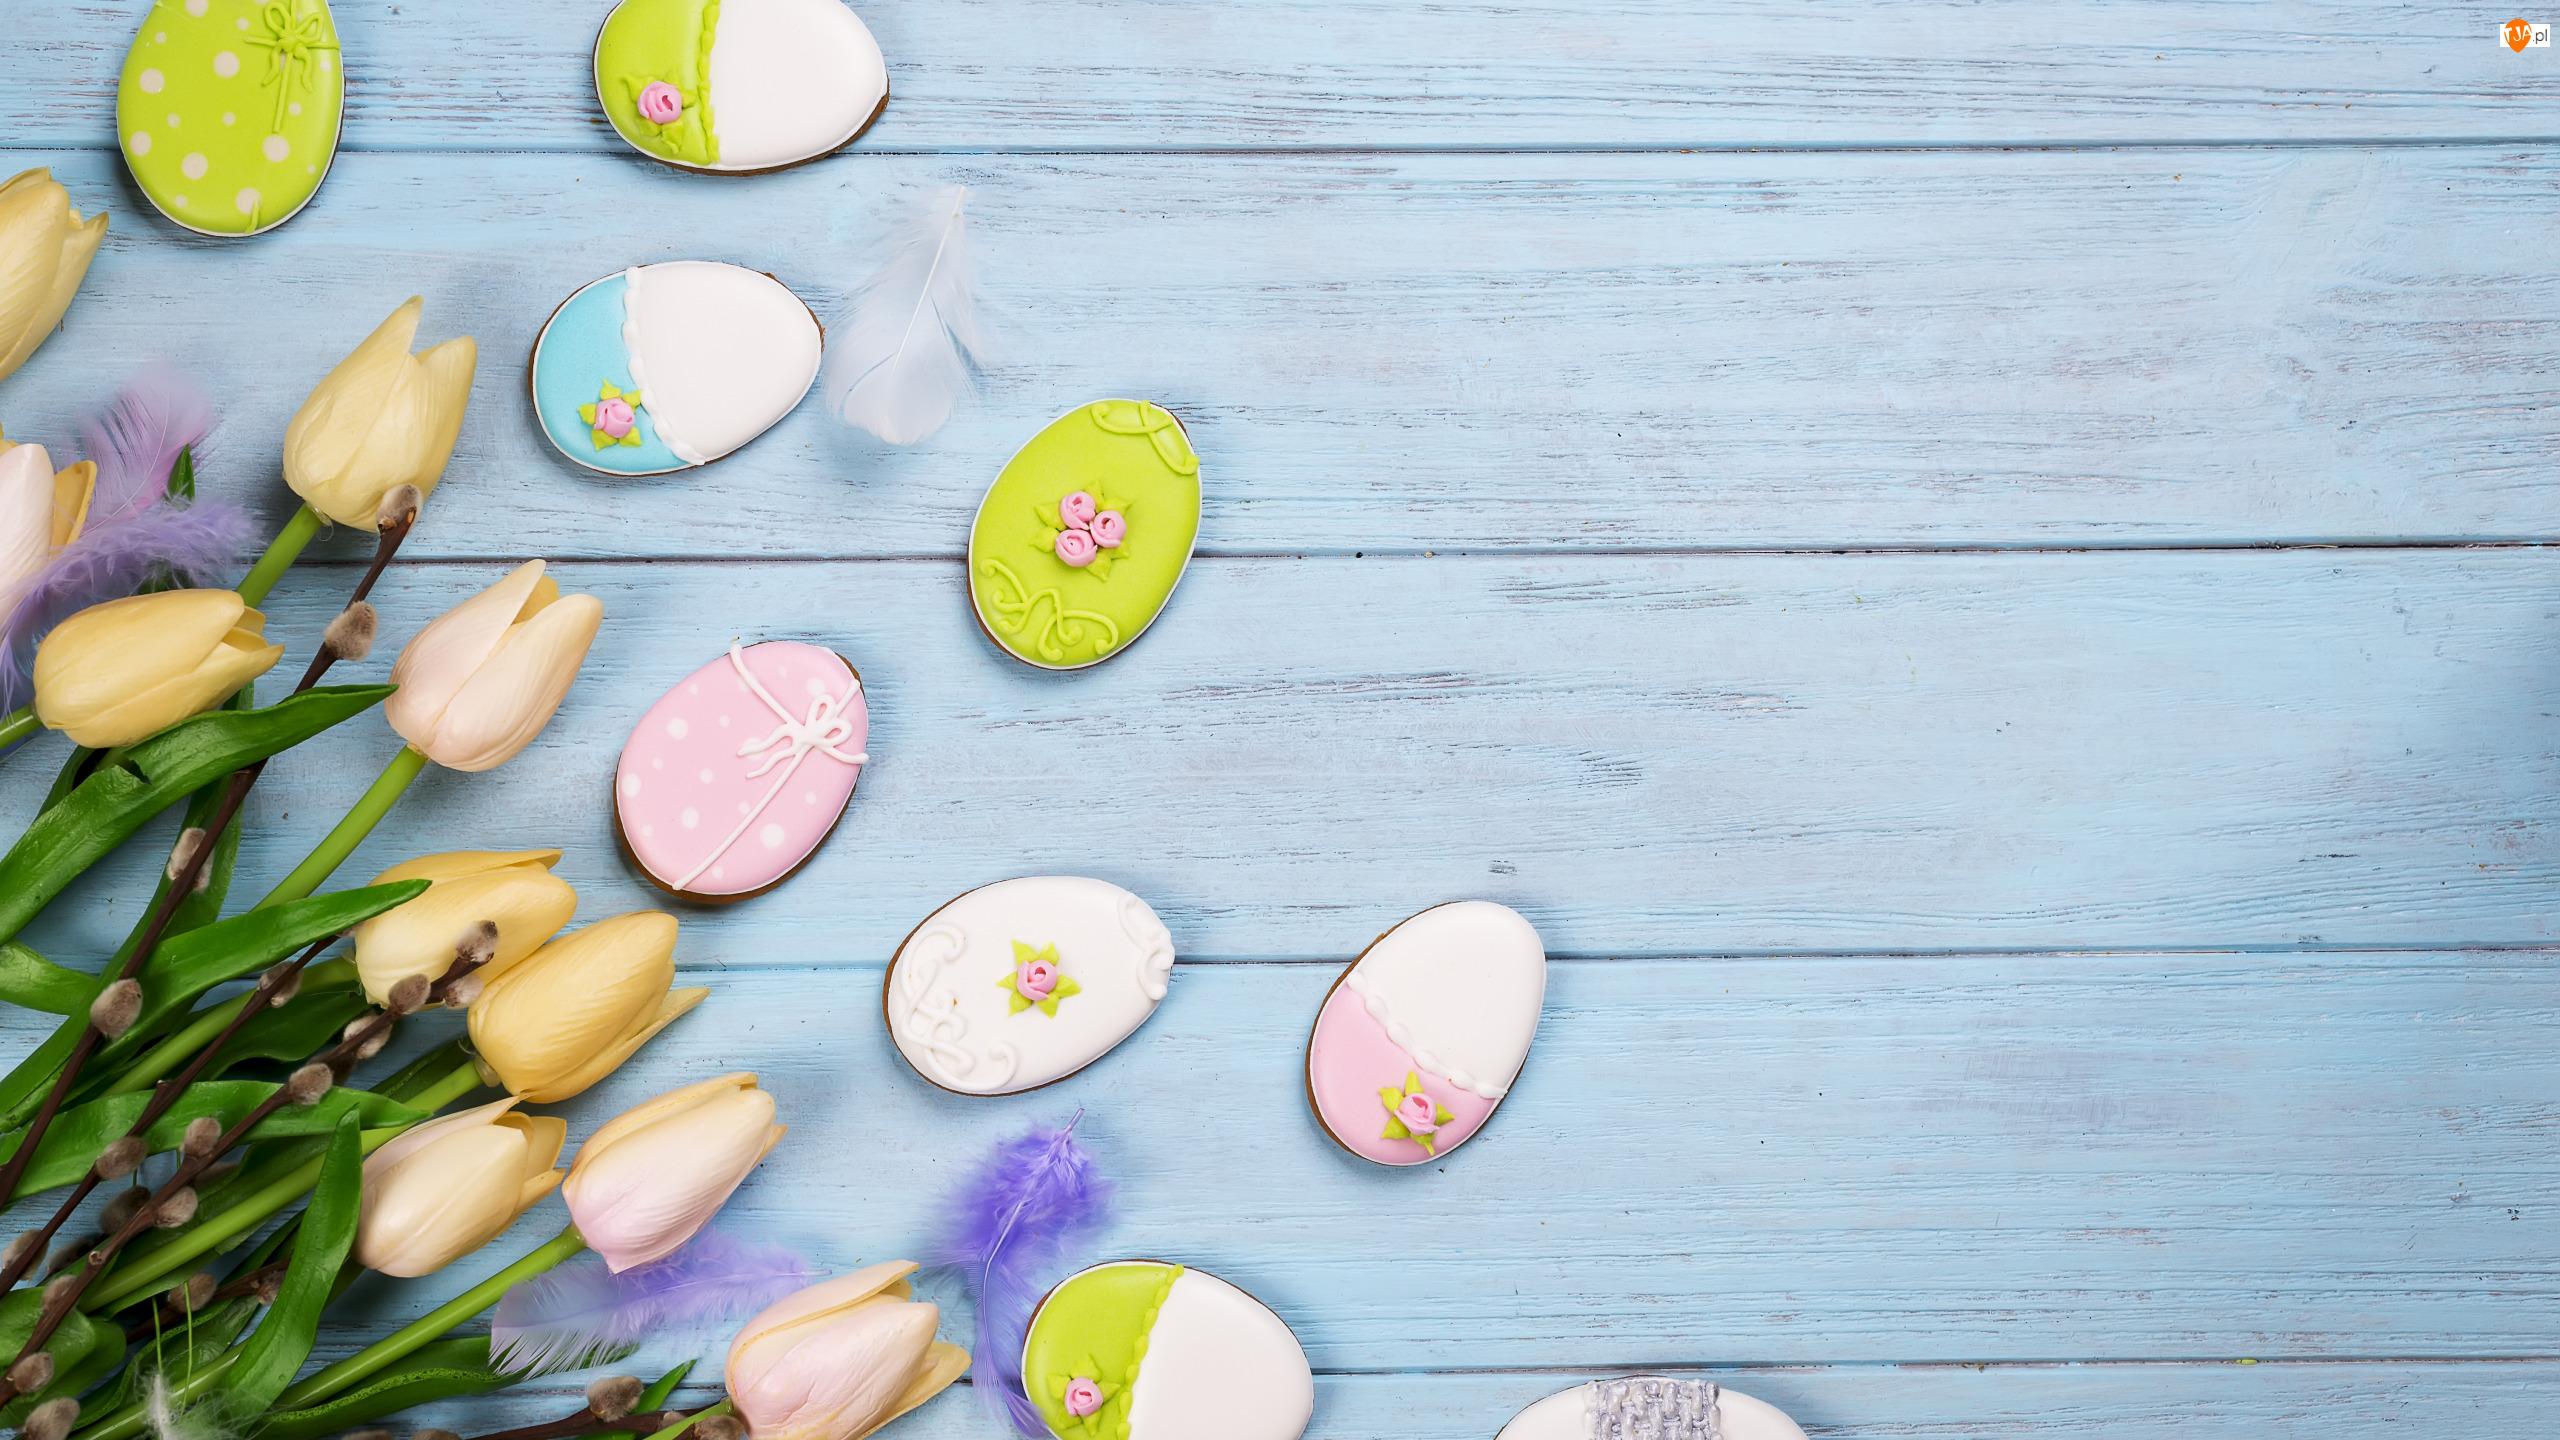 Ciasteczka, Wielkanoc, Tulipany, Deski, Pisanki, Bazie